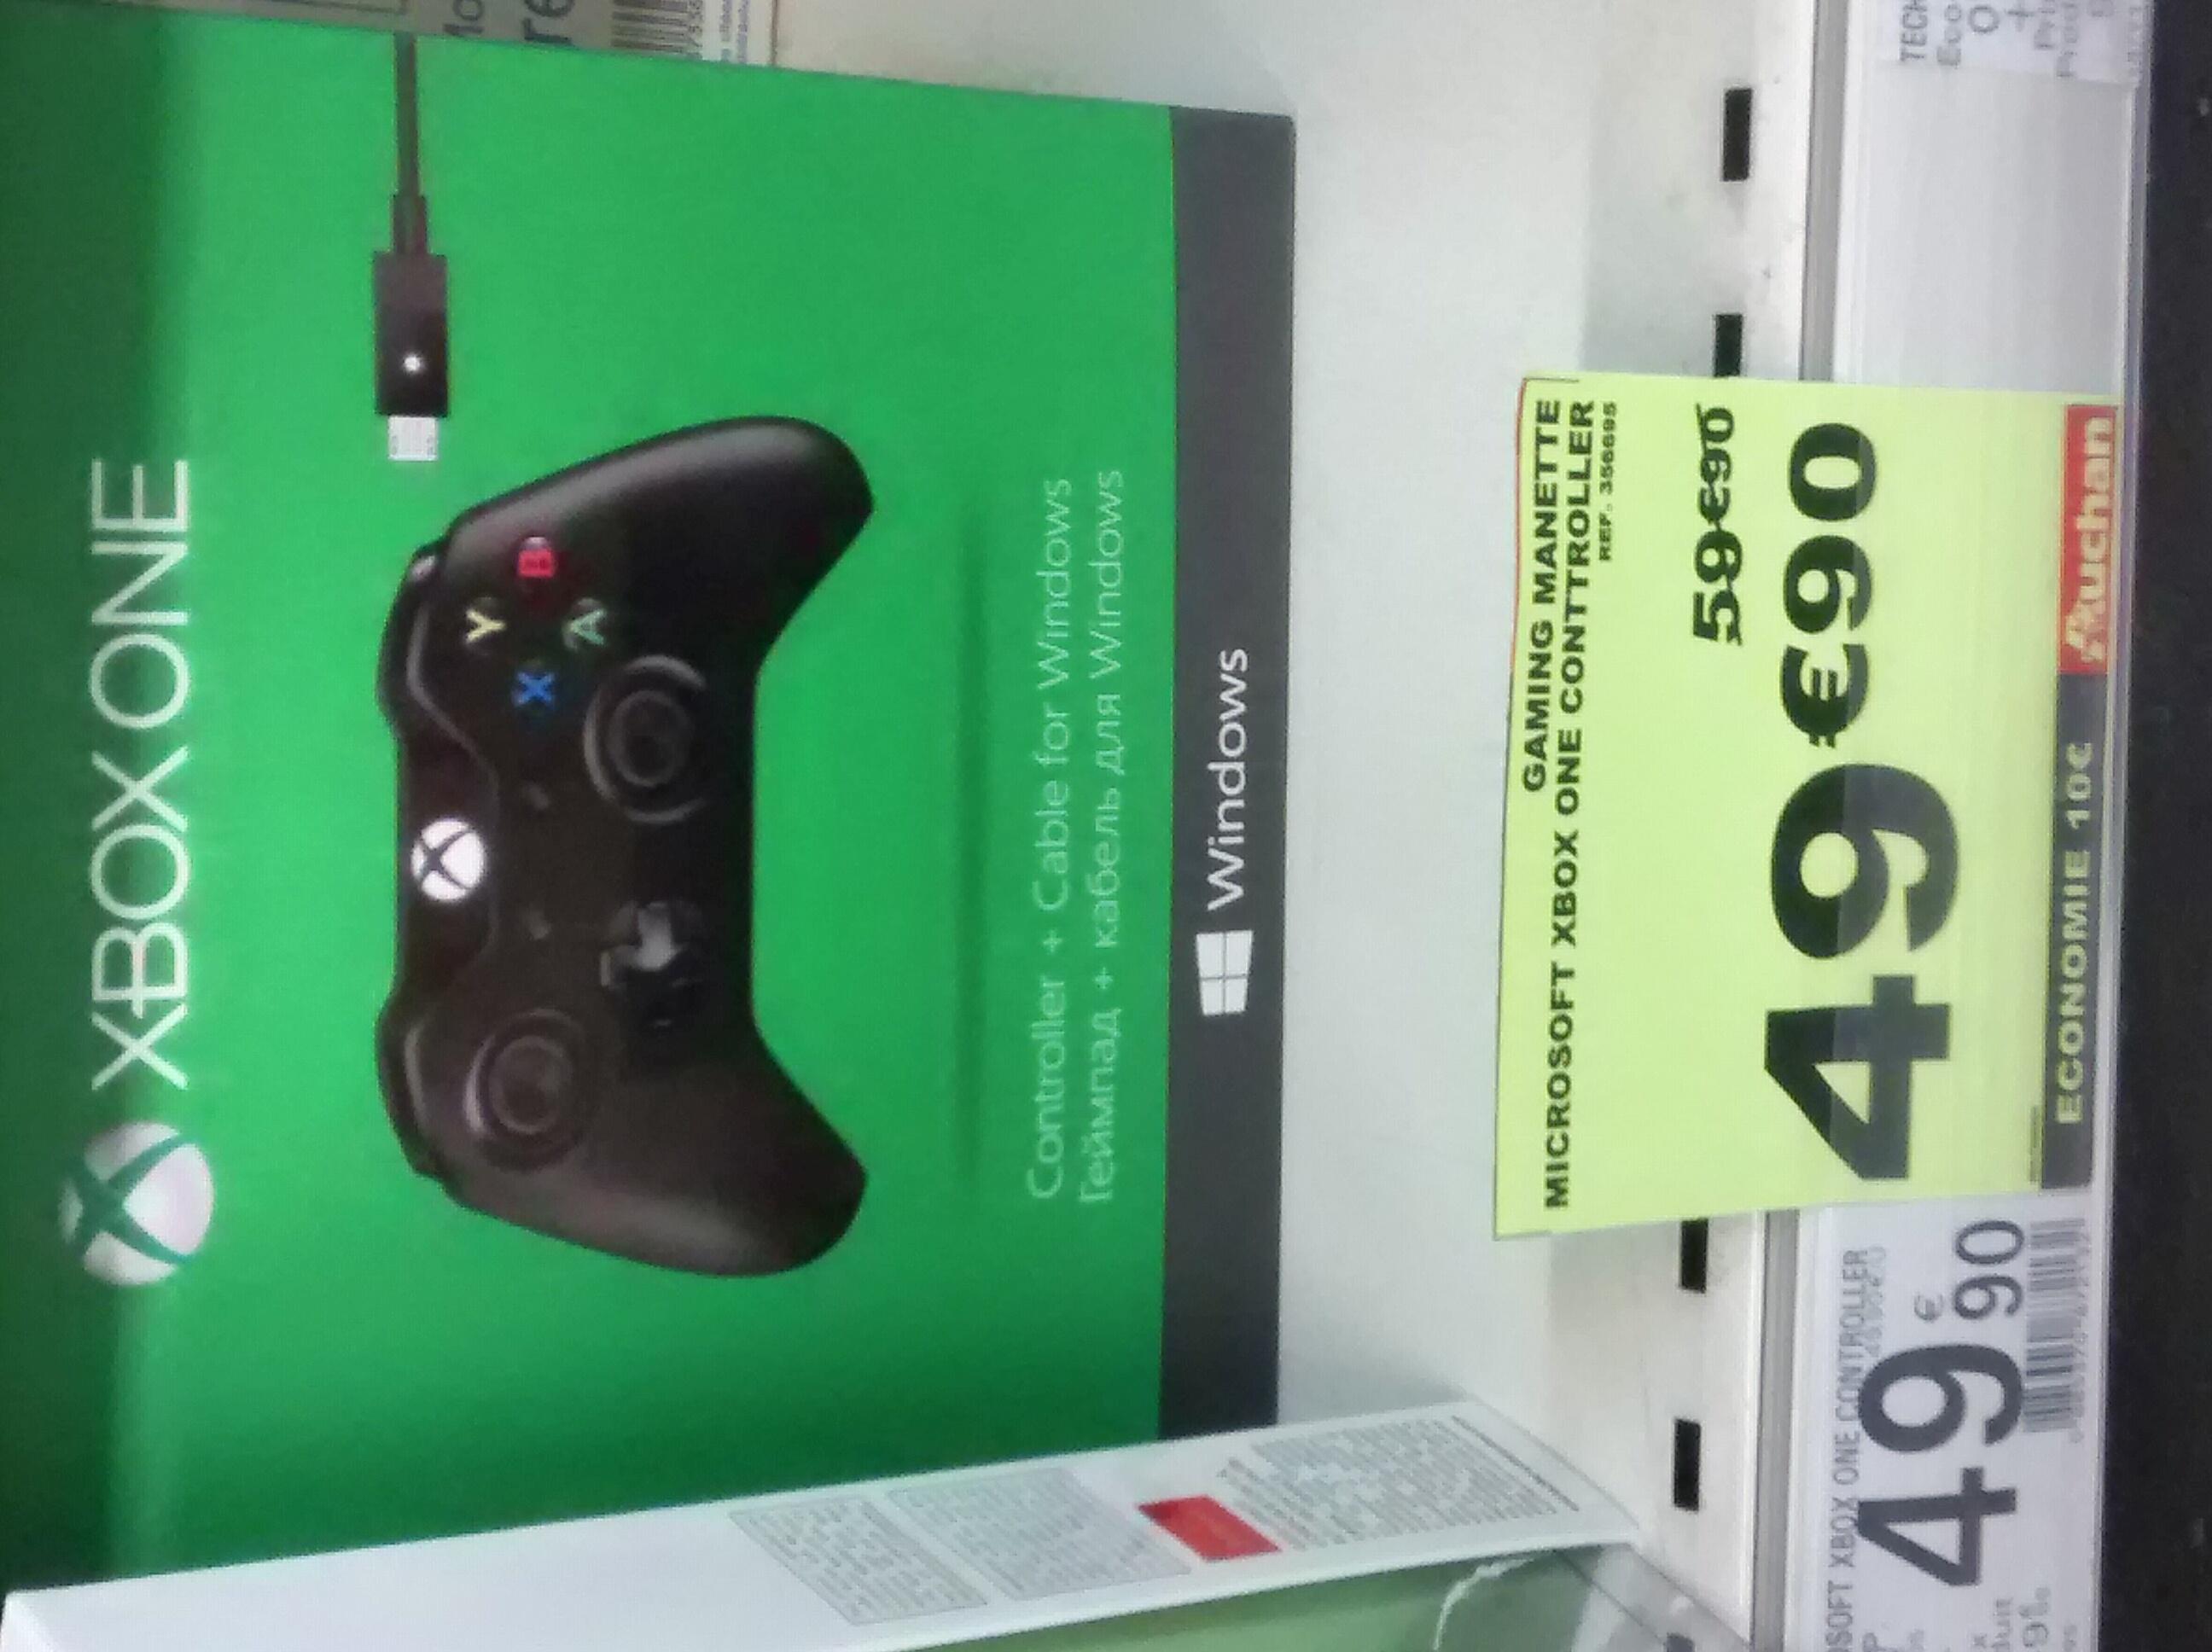 Manette sans fil Xbox one + cable pour pc (50% sur la carte de fidélité)